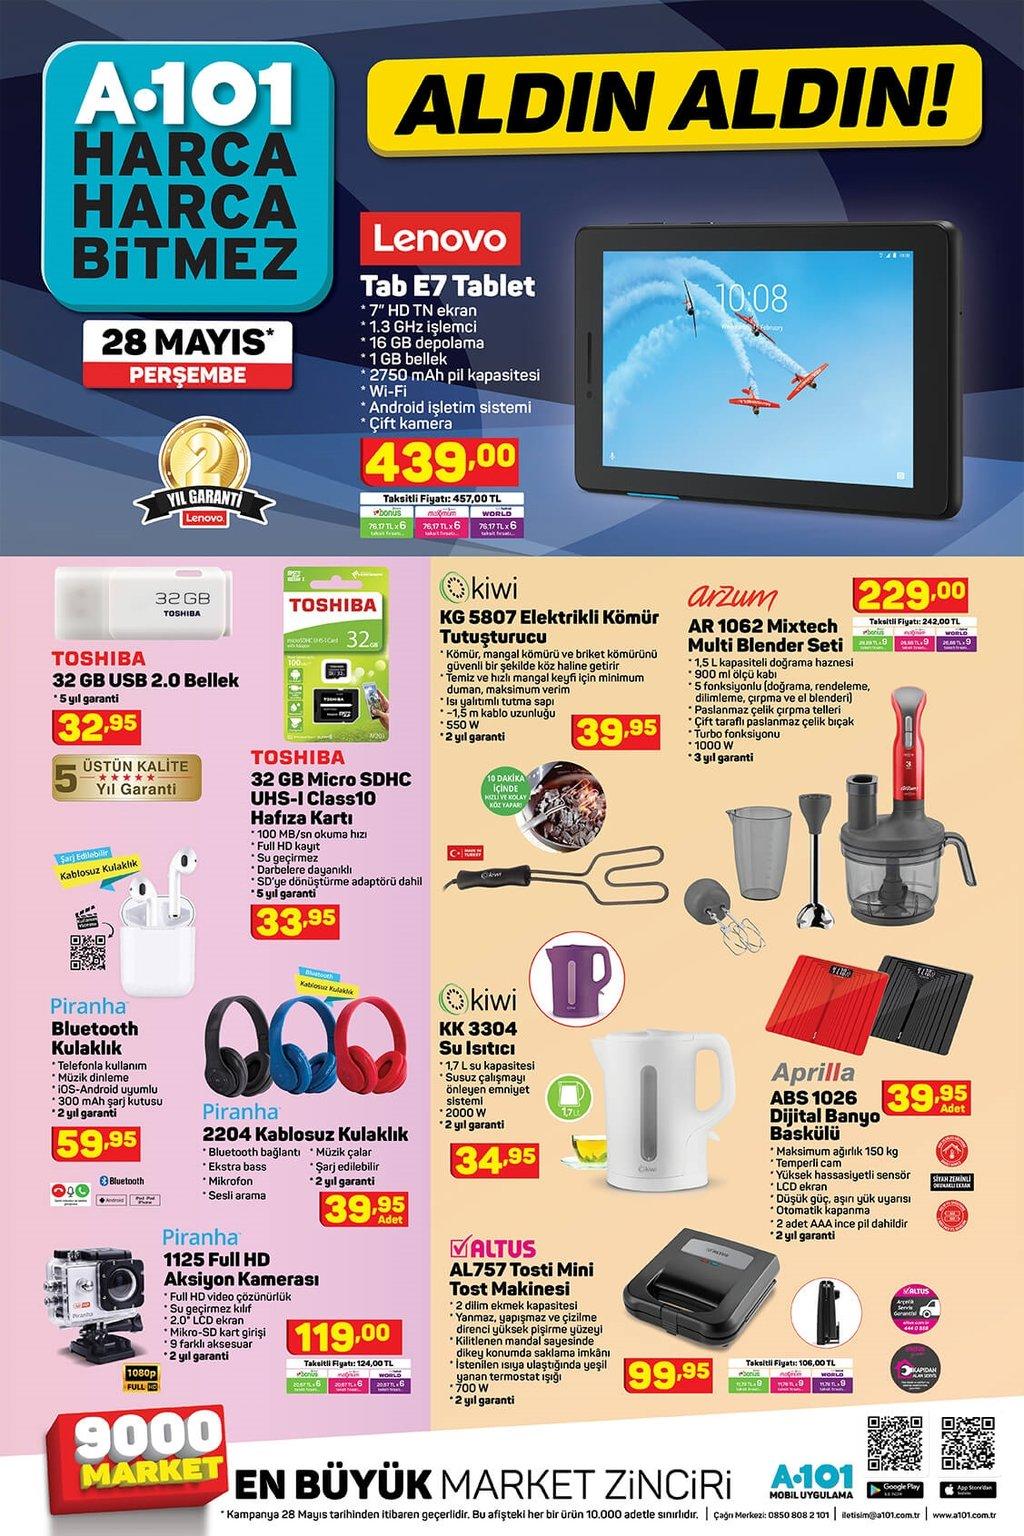 A101 aktüel ürünler kataloğu 28 Mayıs Perşembe! İşte haftanın indirimleri...